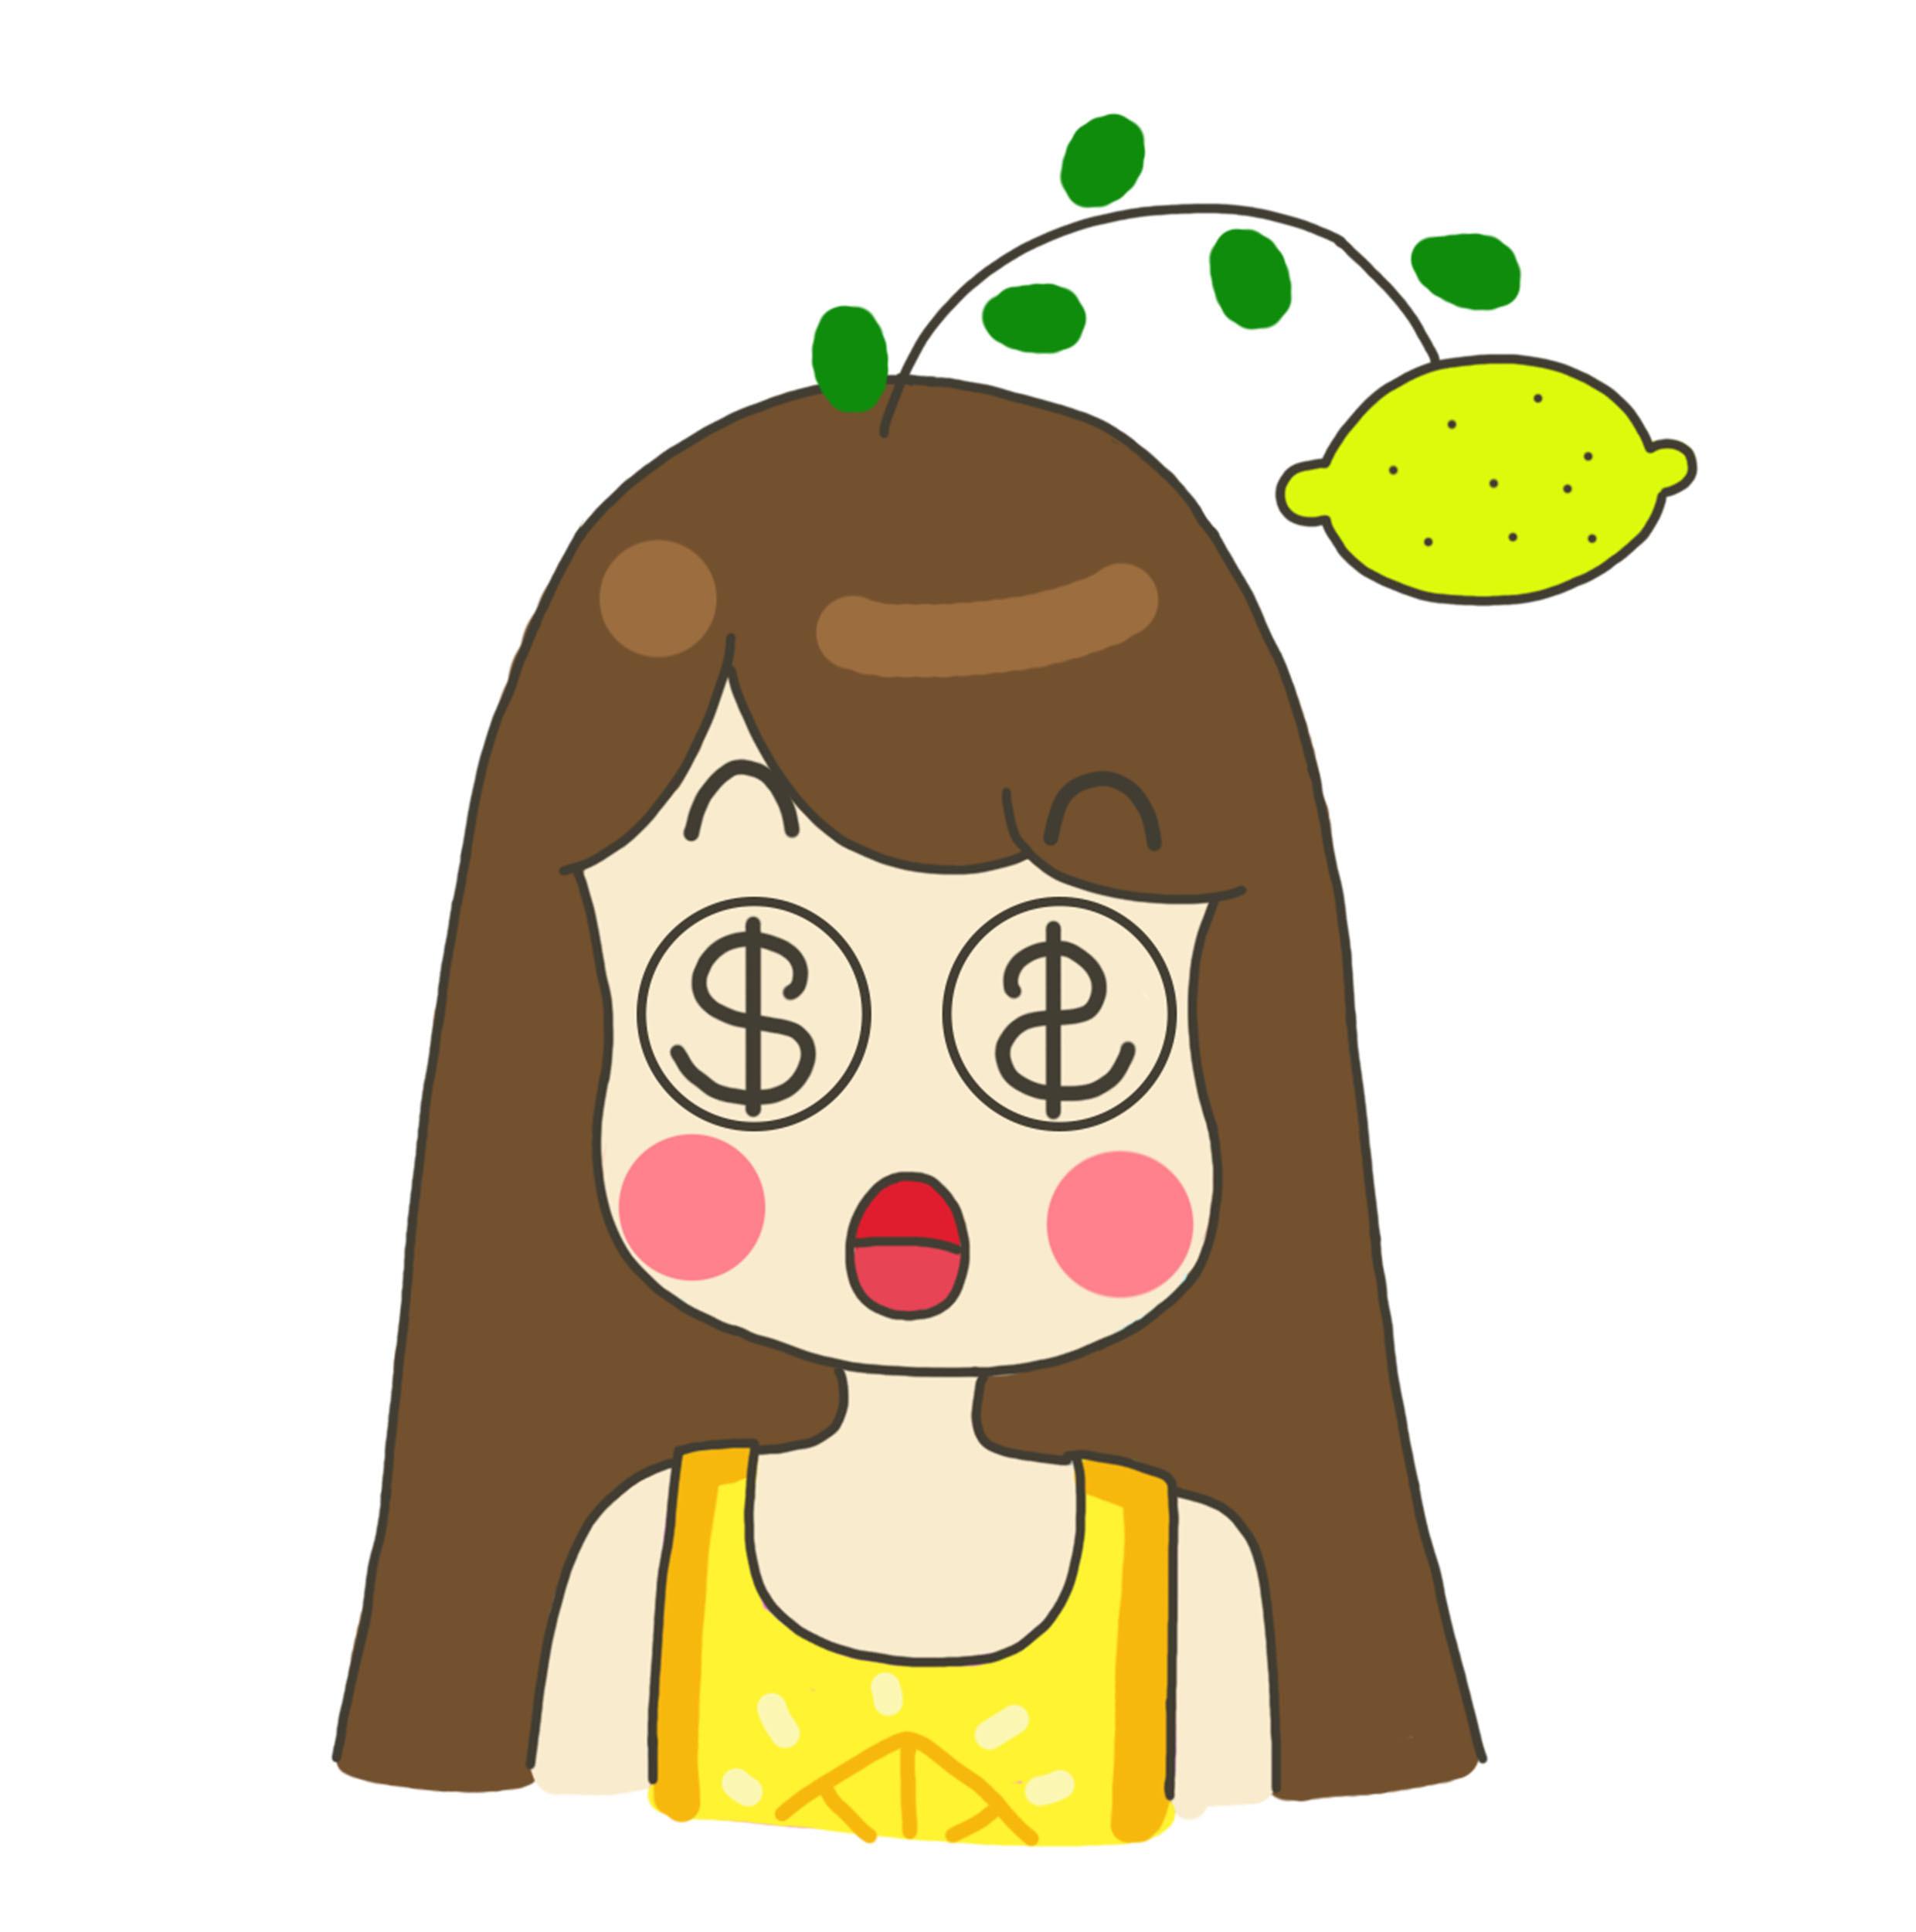 柠檬同学的表情包2图片